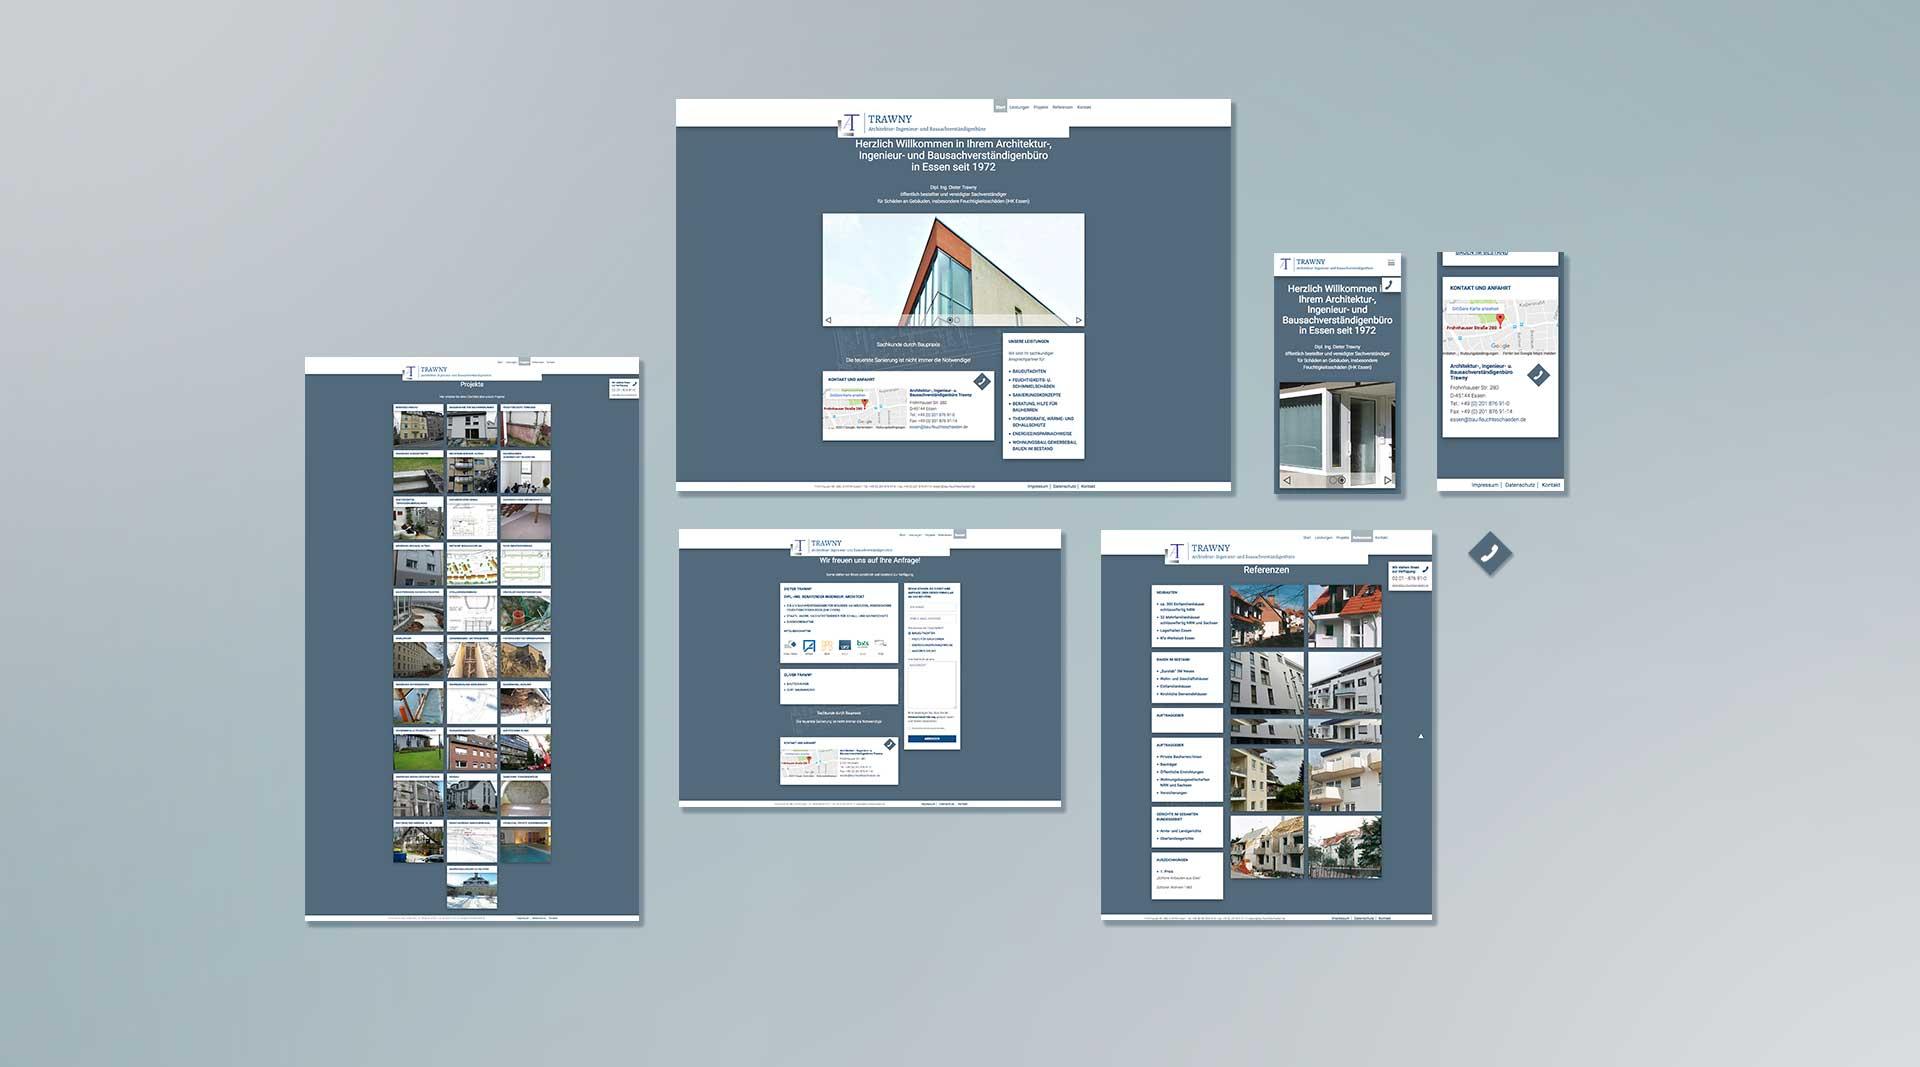 Webdesign Trawny Baugutachten Relaunch Screendesign